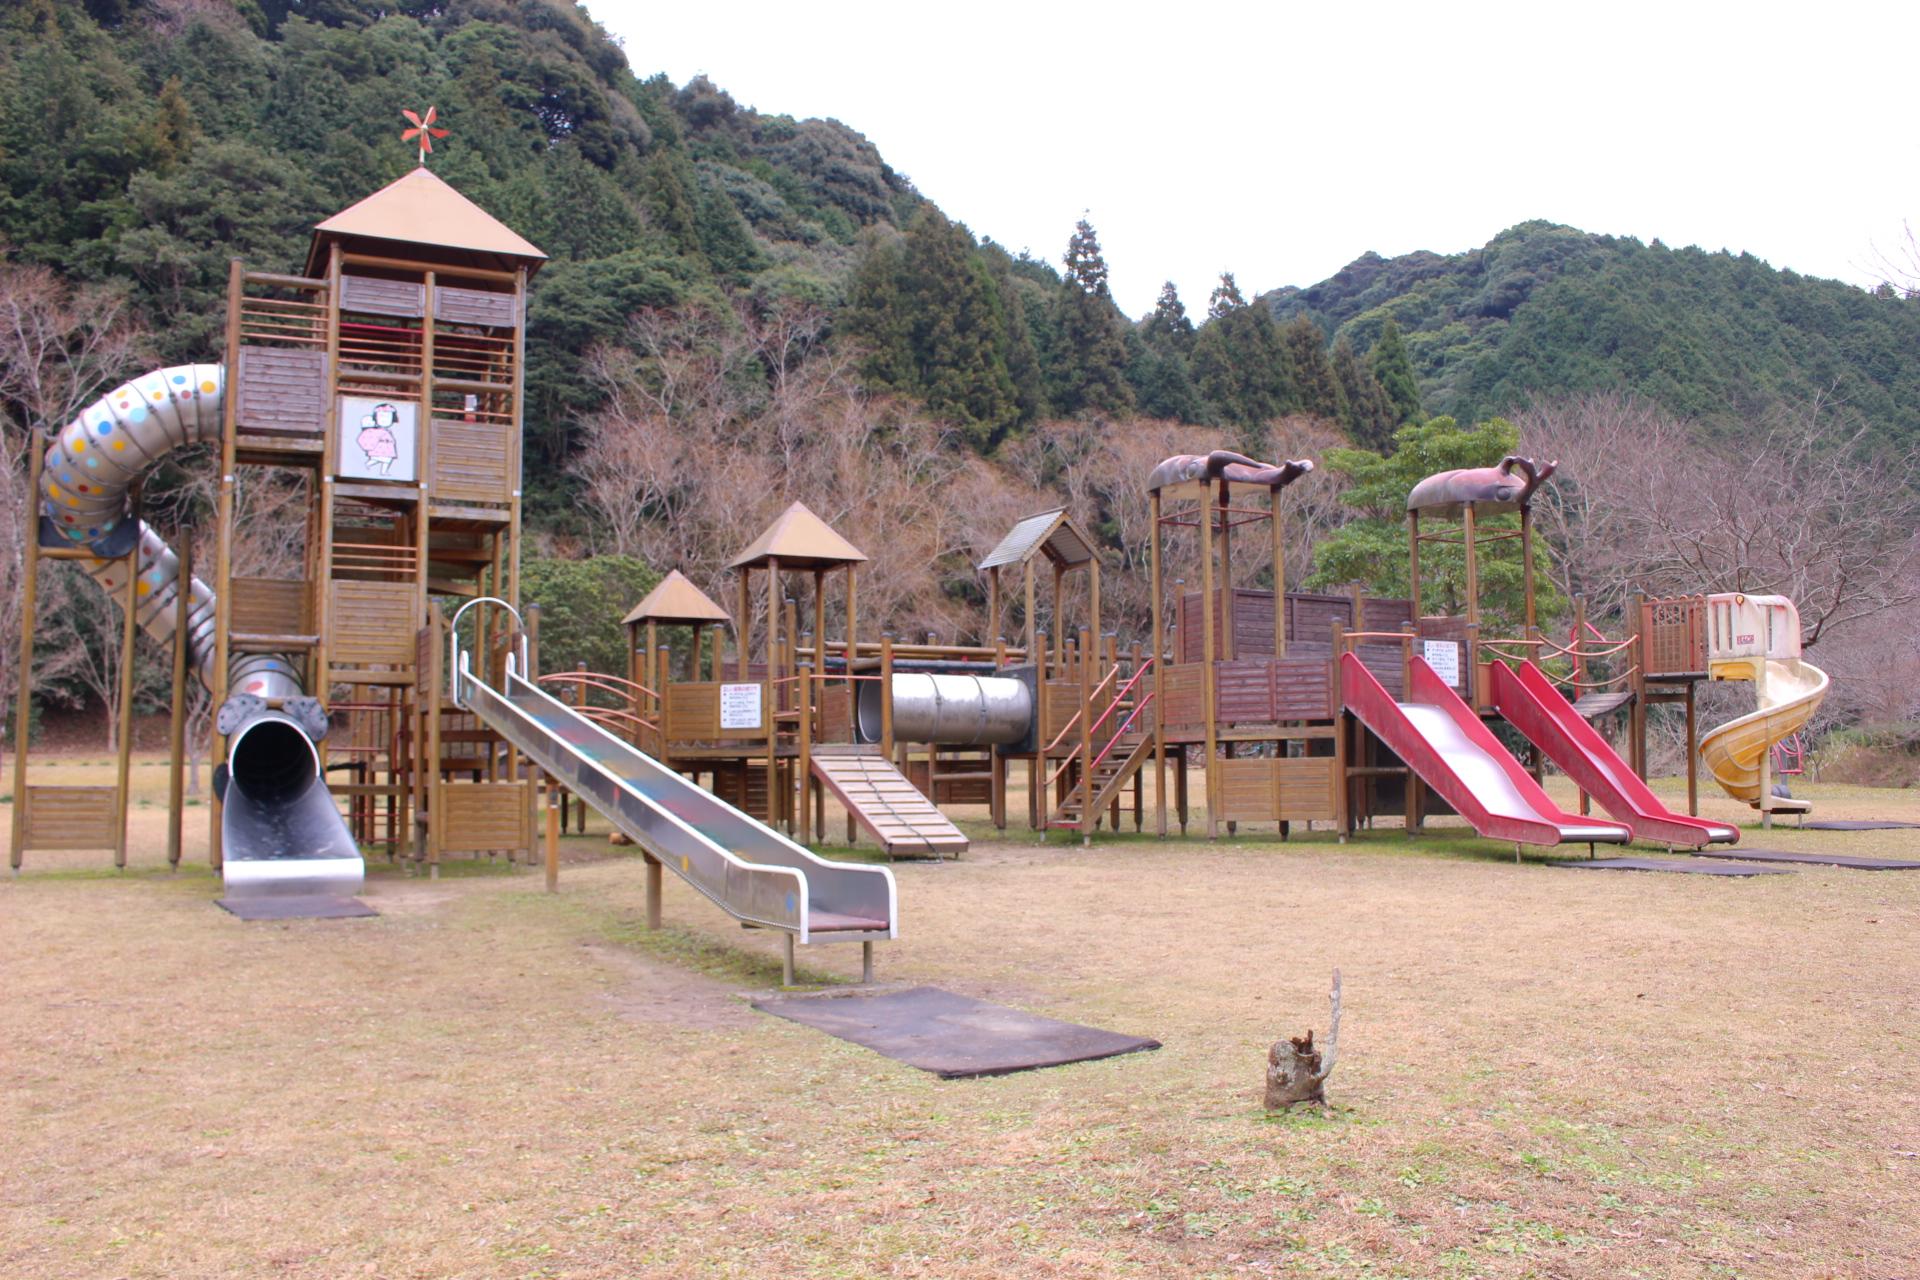 【福連木子守唄公園】天草キャンプ場!遊具で遊んできた